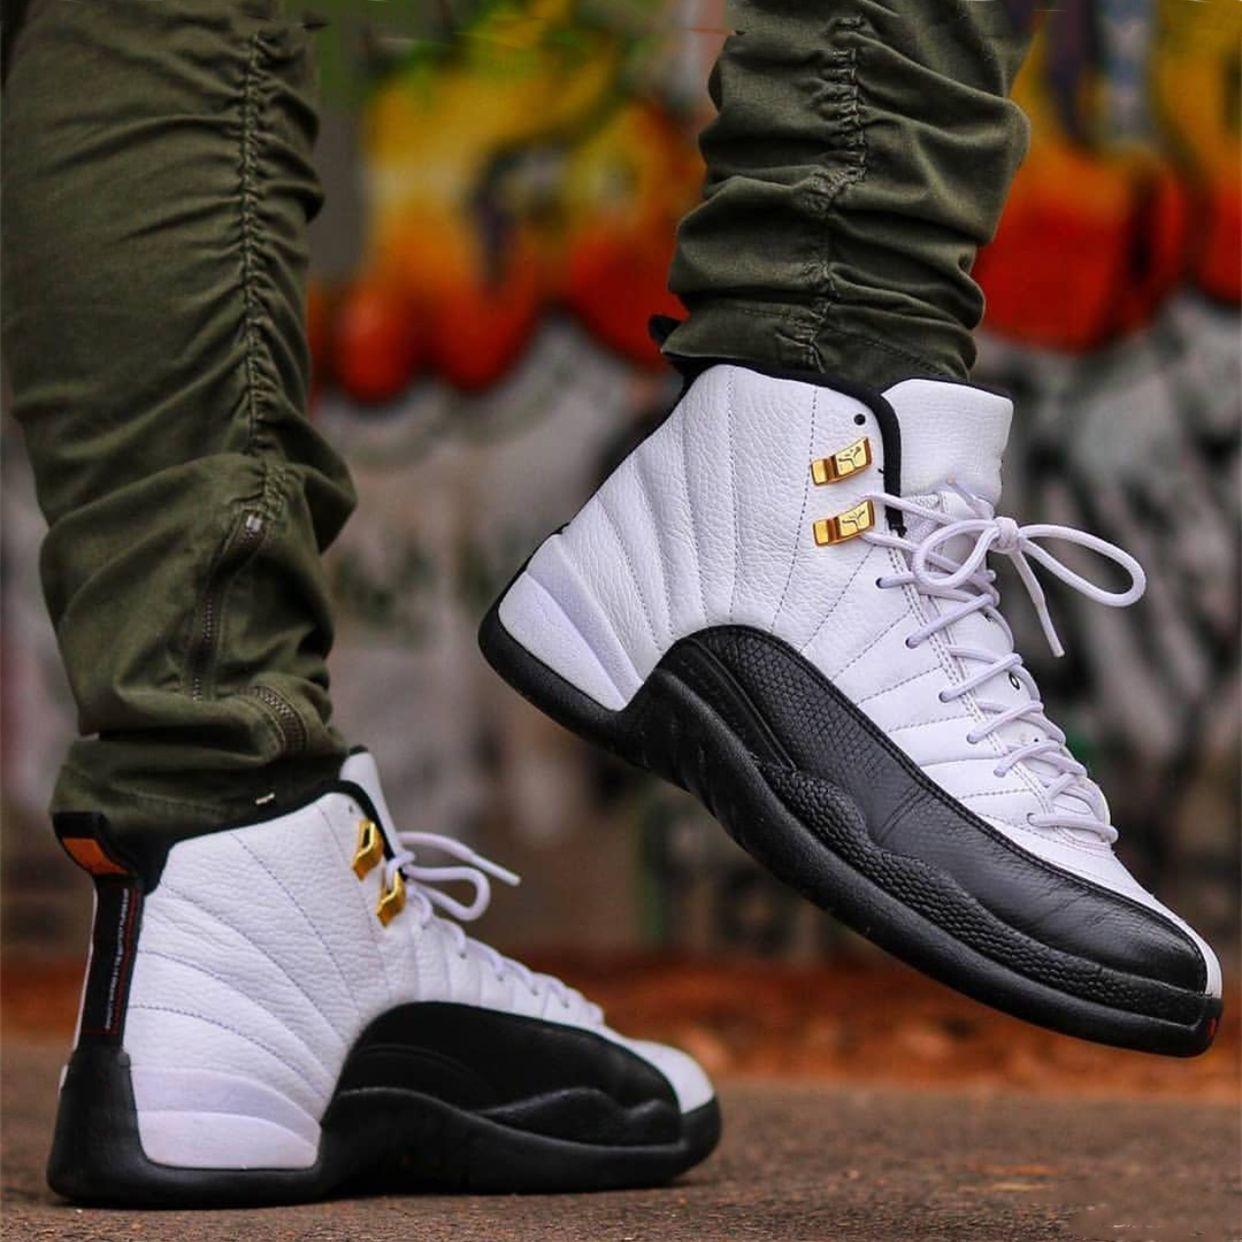 Salte al hombre Para Hombres Mujeres Formadores zapatillas de baloncesto 12 XII zapatos CNY TAXI diseño Deportes Alas Playoff Juego de la gripe de los zapatos corrientes